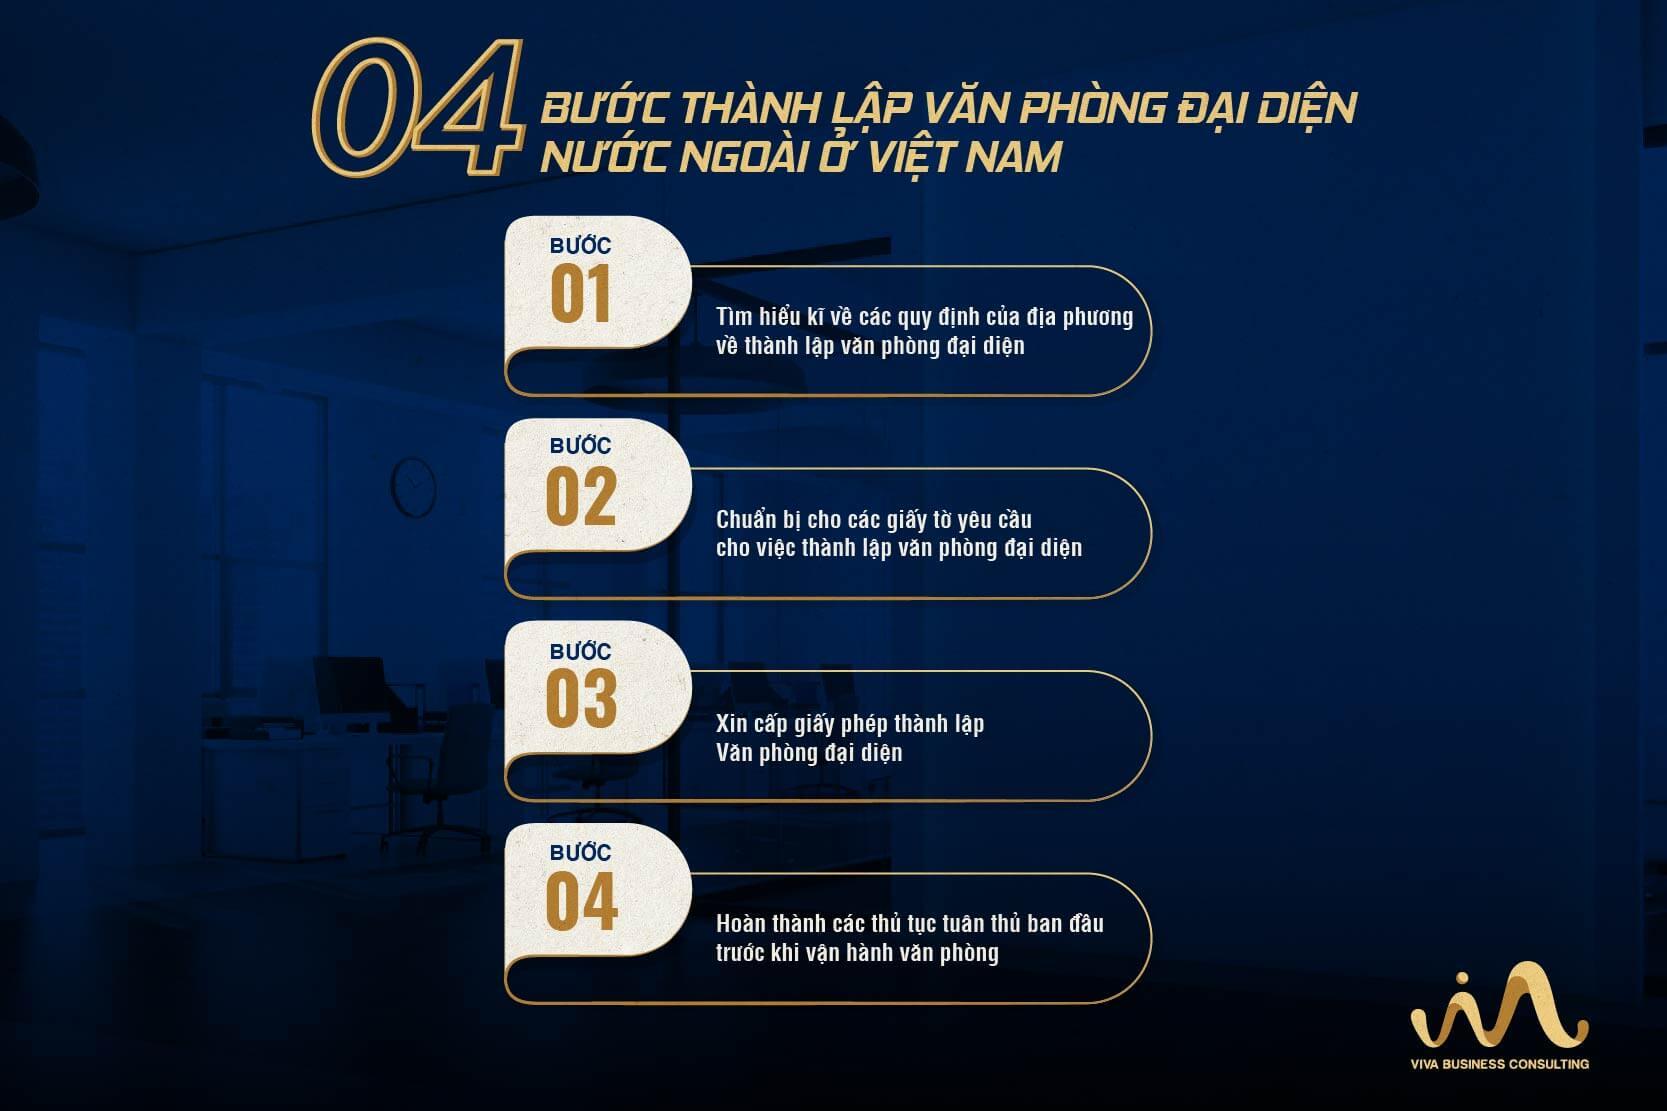 4 Bước thành lập văn phòng đại diện nước ngoài tại Việt Nam